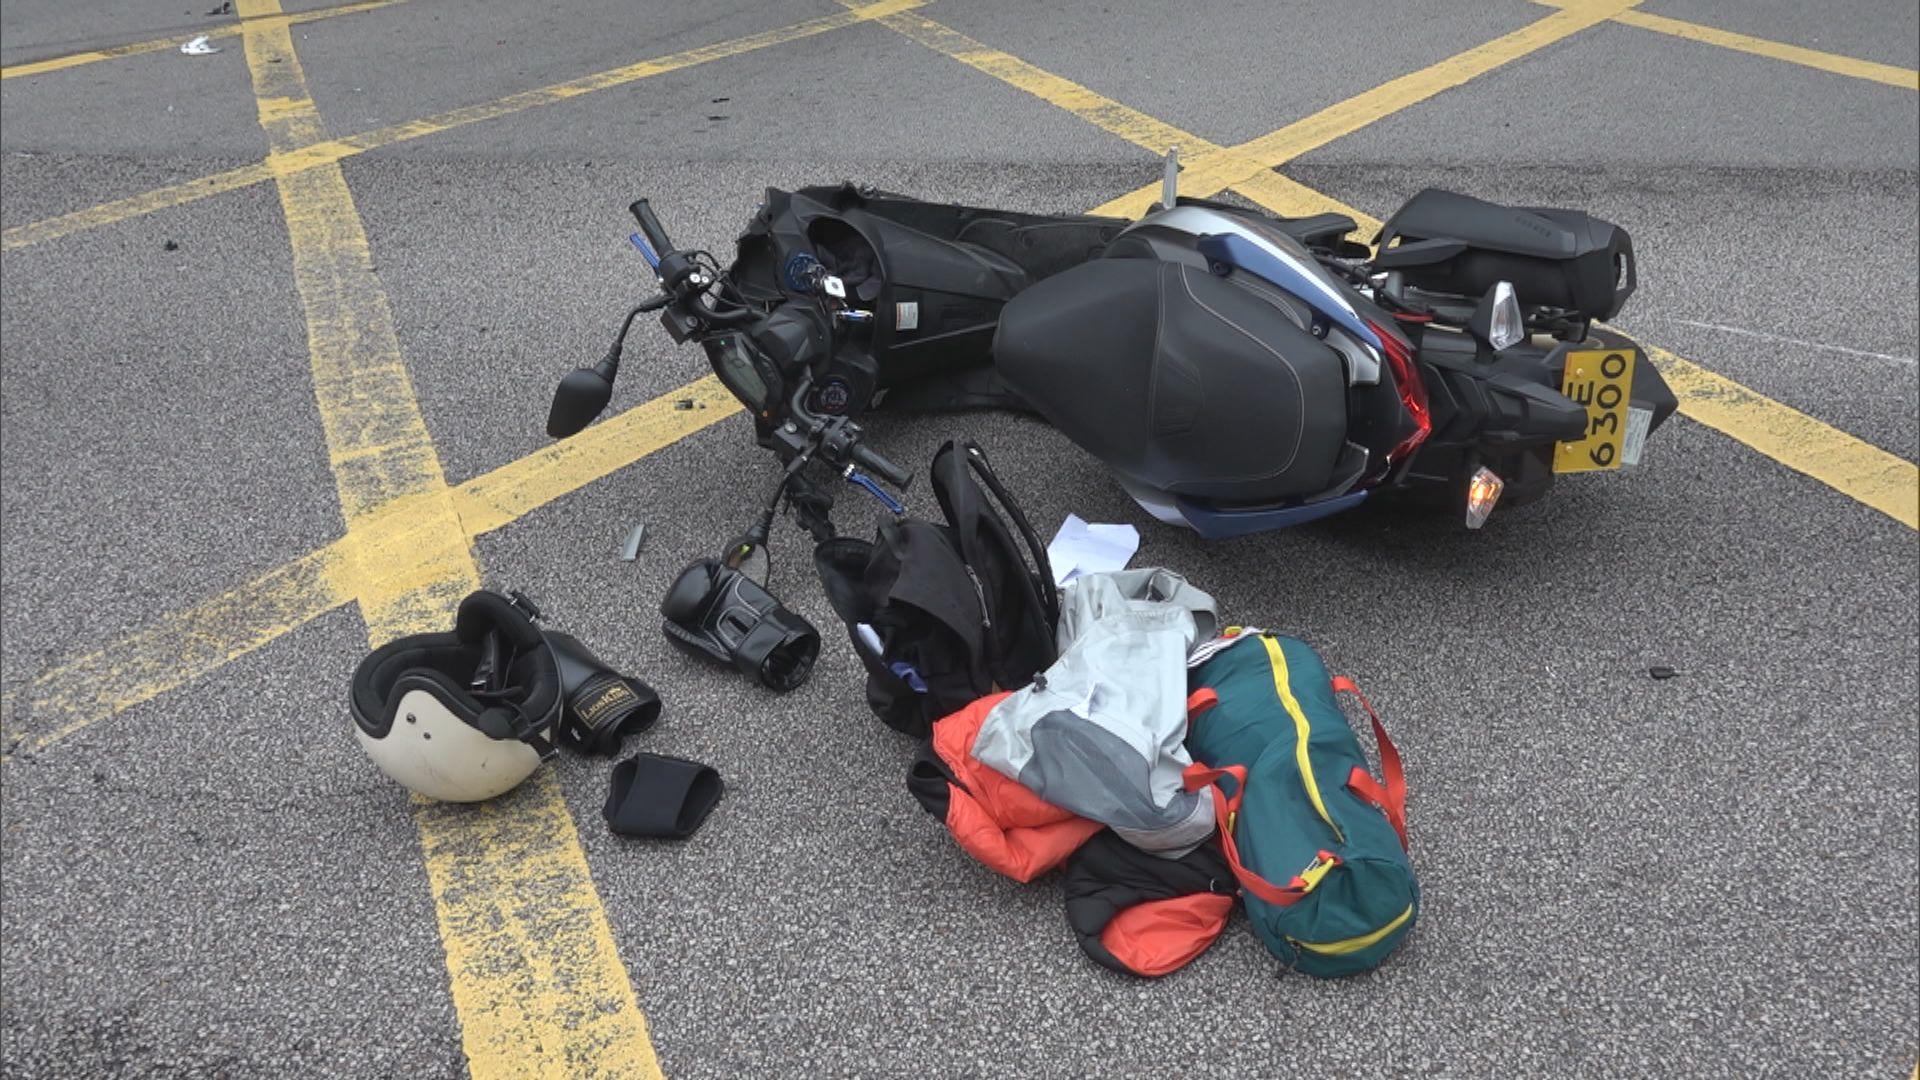 電單車與客貨車撞兩人傷 客貨車司機被捕